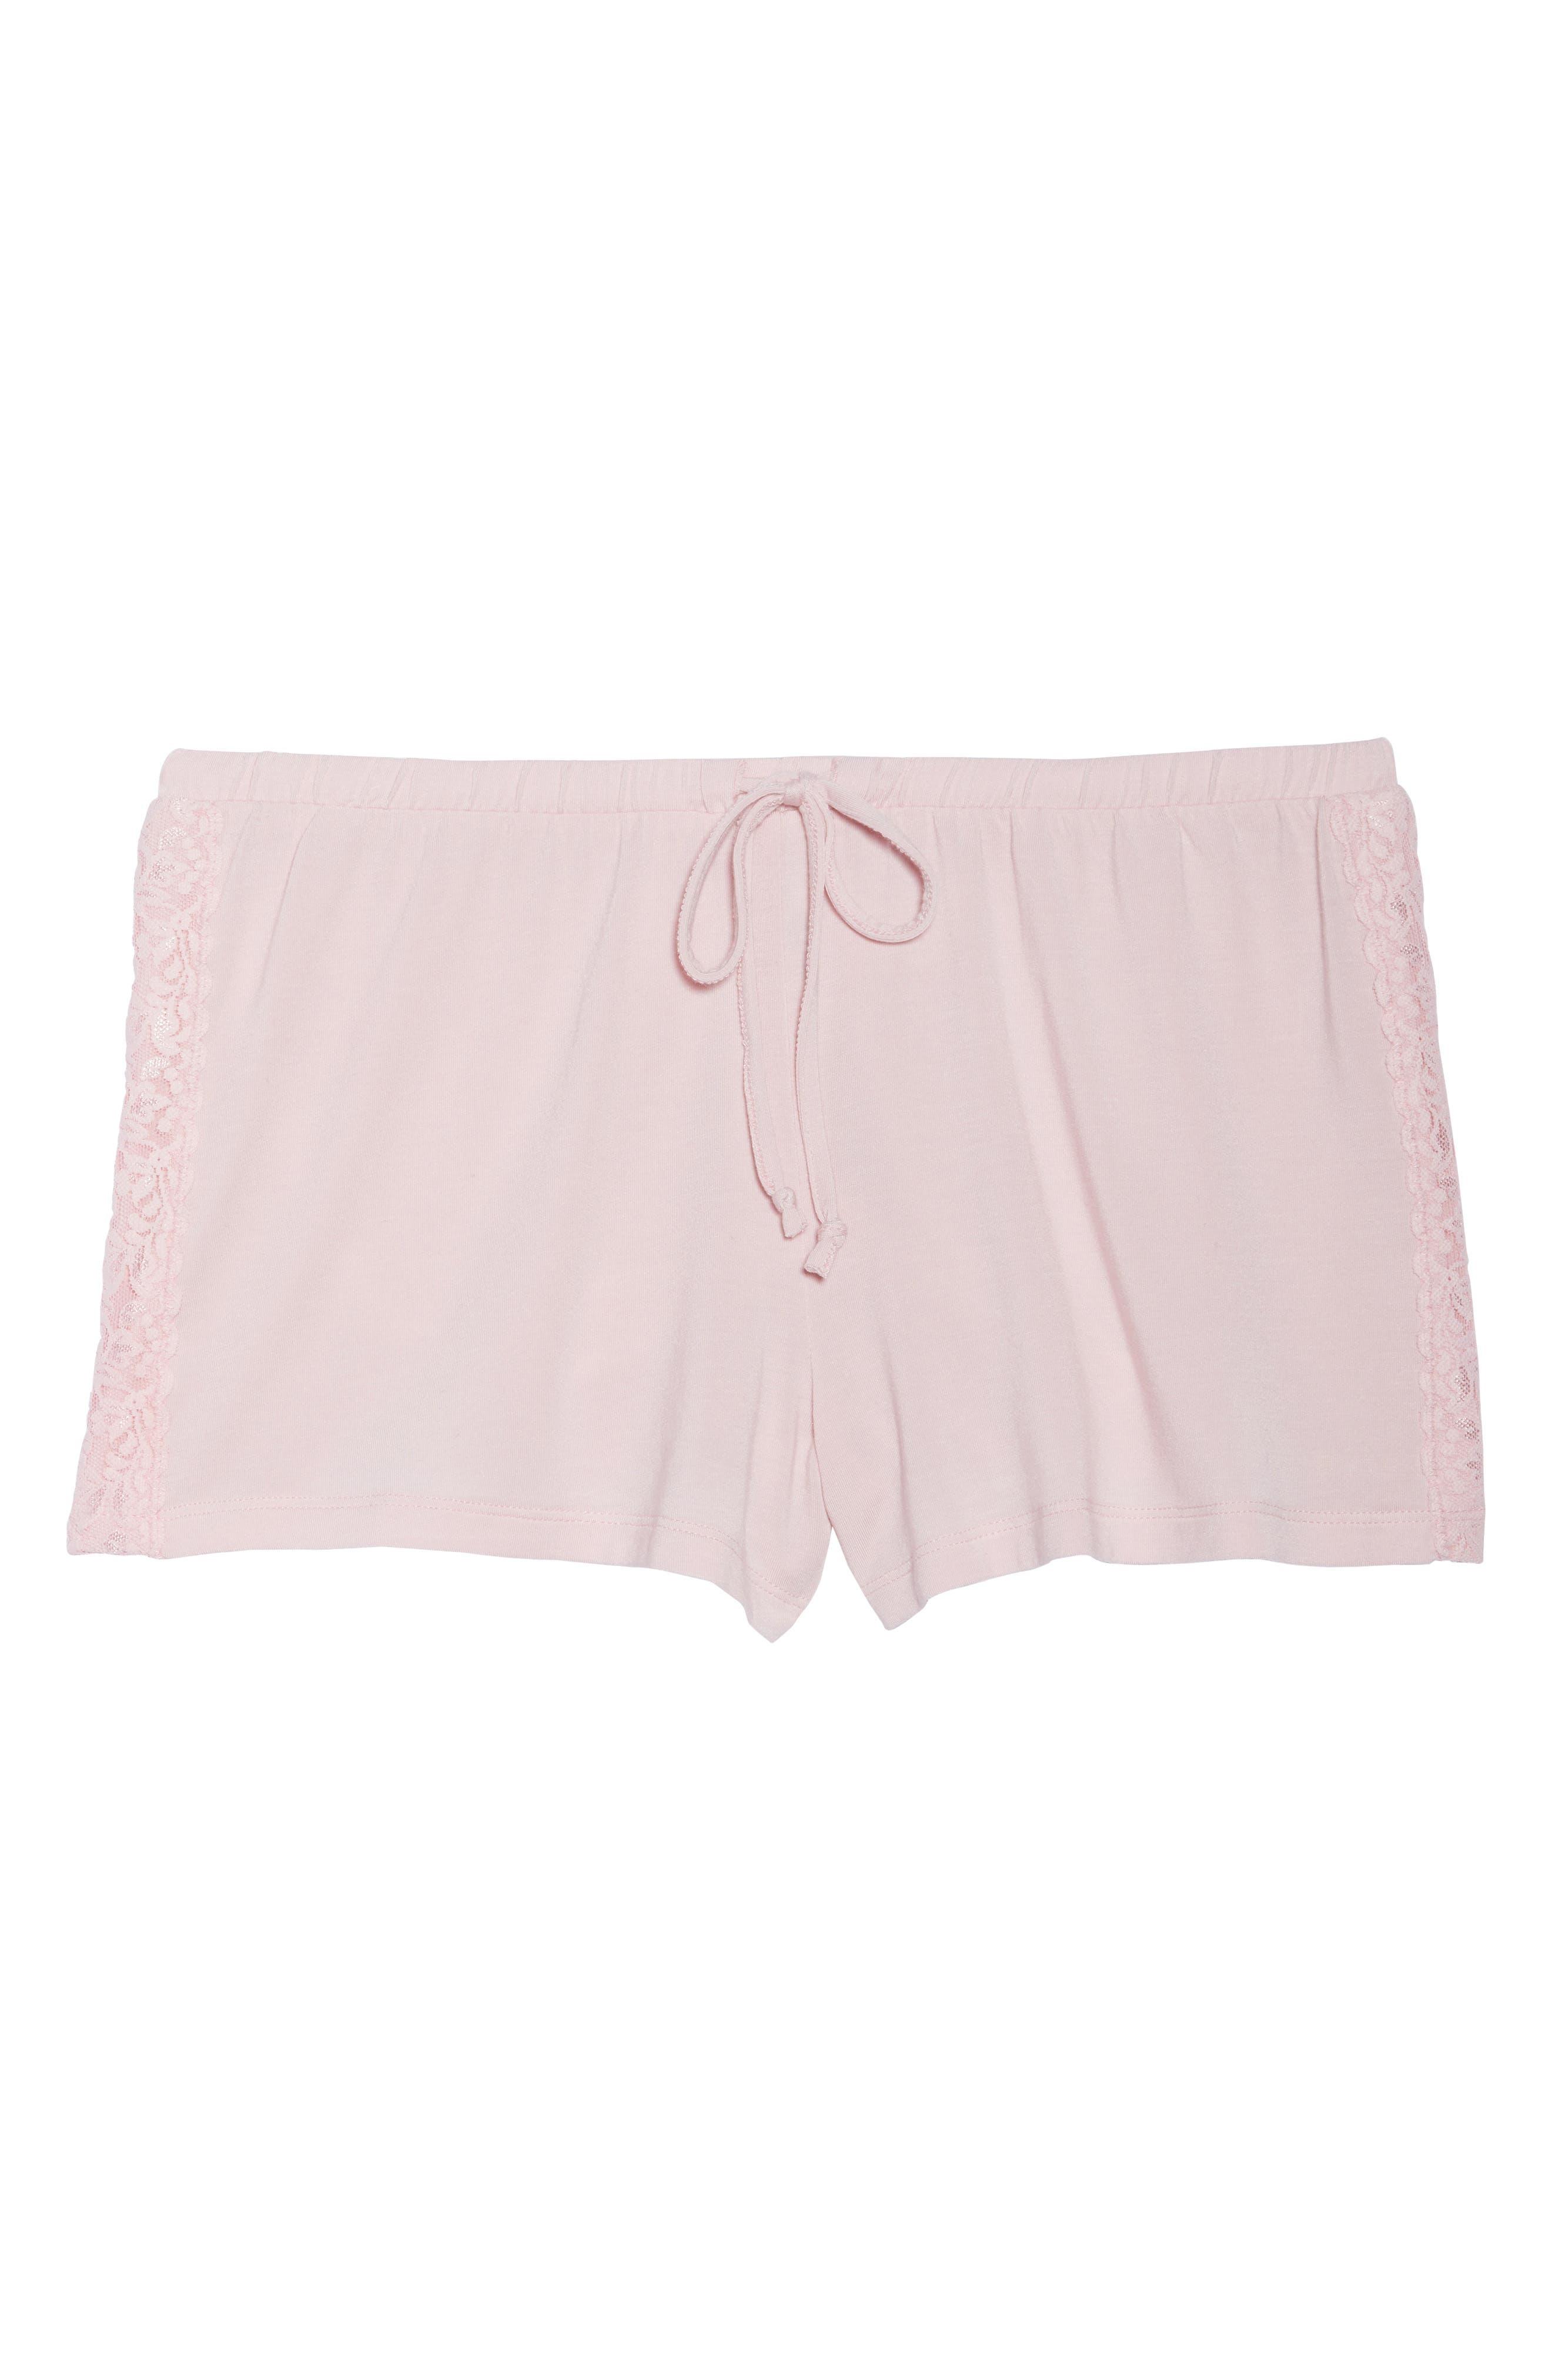 Pajama Shorts,                             Alternate thumbnail 4, color,                             Pink